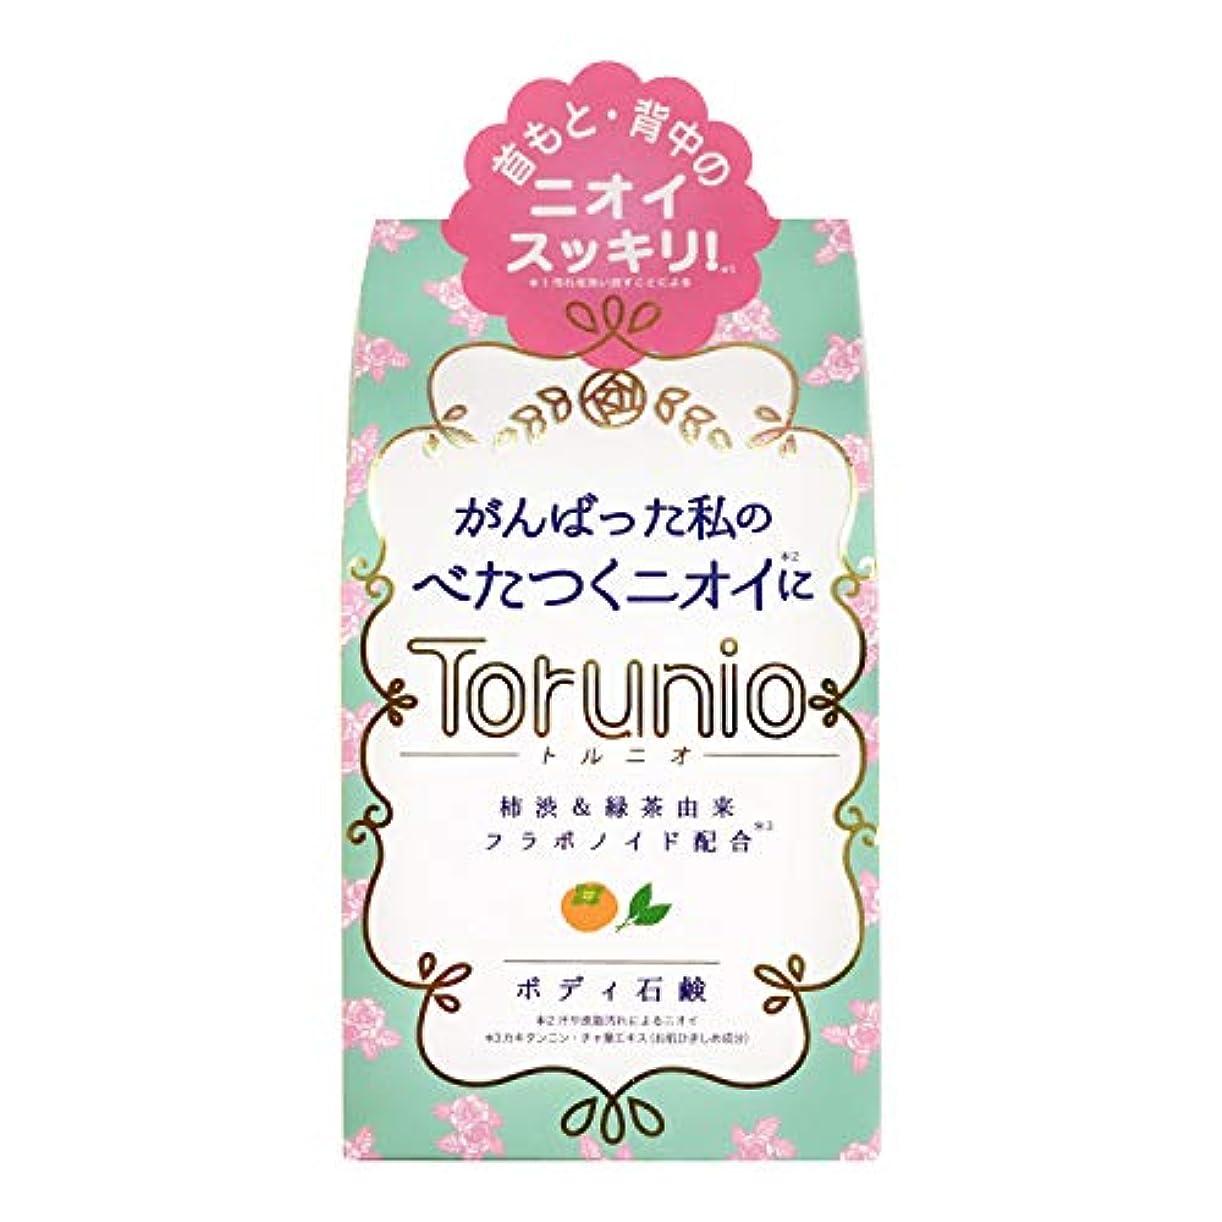 予報の頭の上ギネスTorunio(トルニオ)石鹸 100g